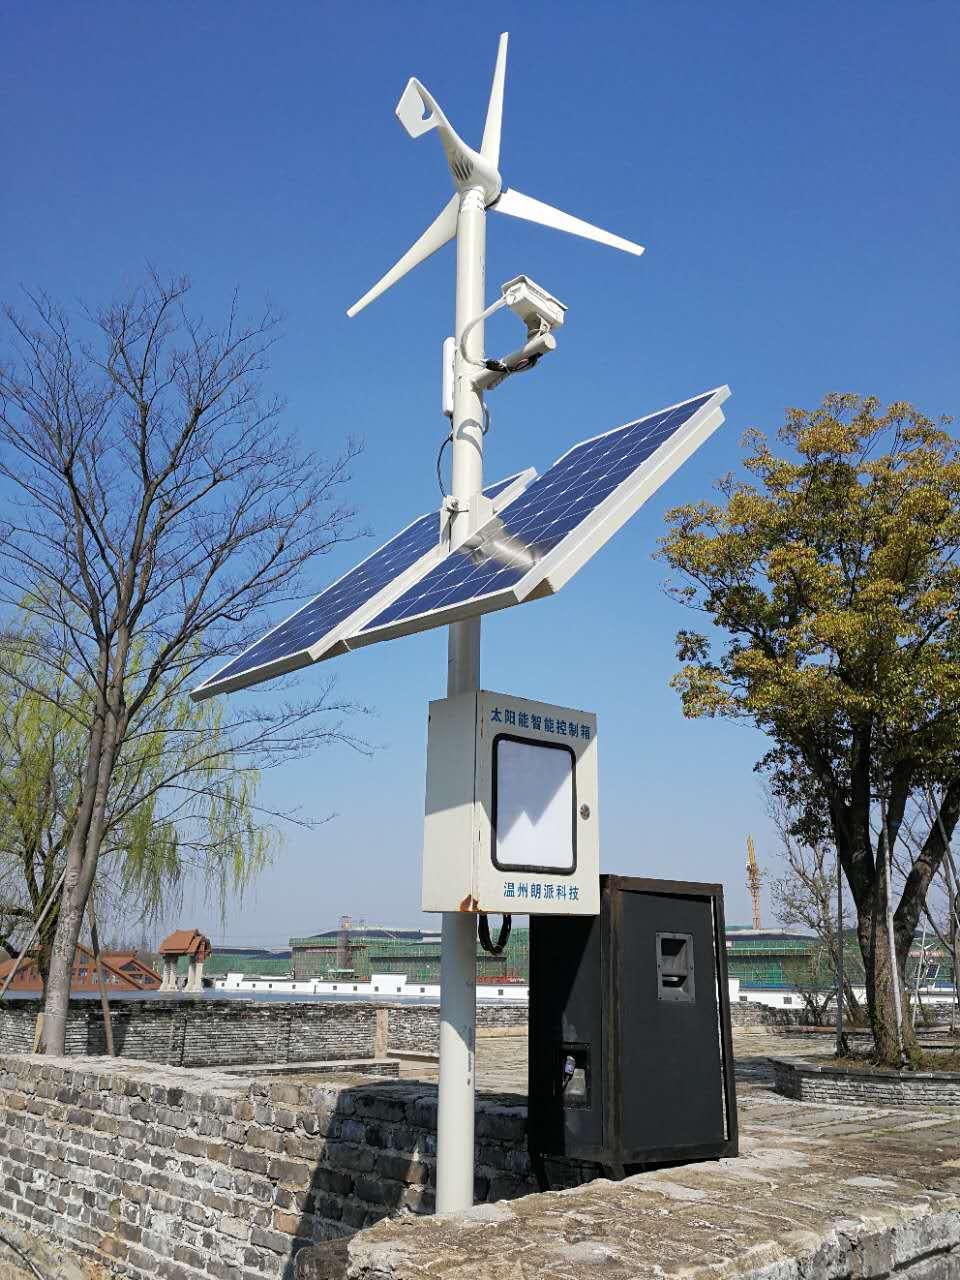 上海专业安防监控系统 来电咨询「上海天岐山电子科技供应」